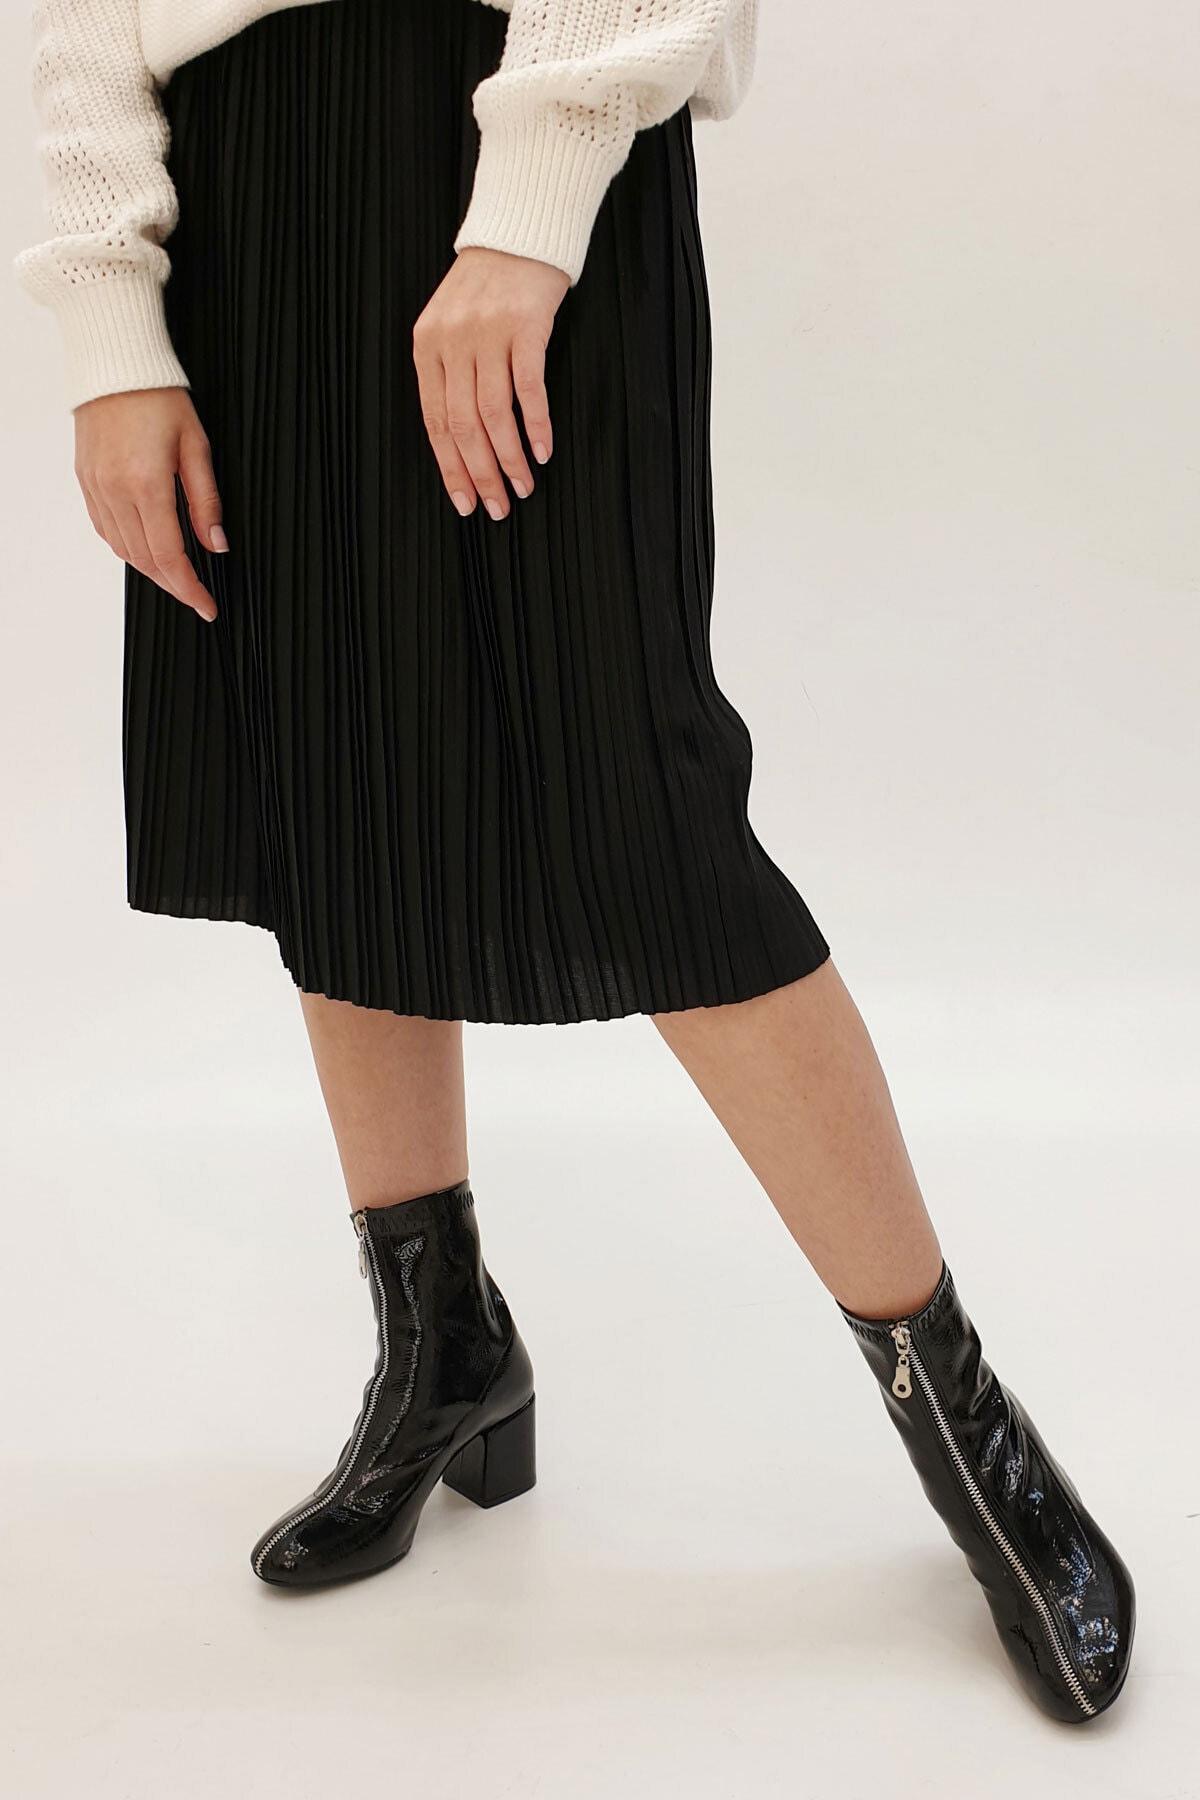 Marjin Kadın Siyah Rugan Miven Topuklu Bot       19K0022AS415 2